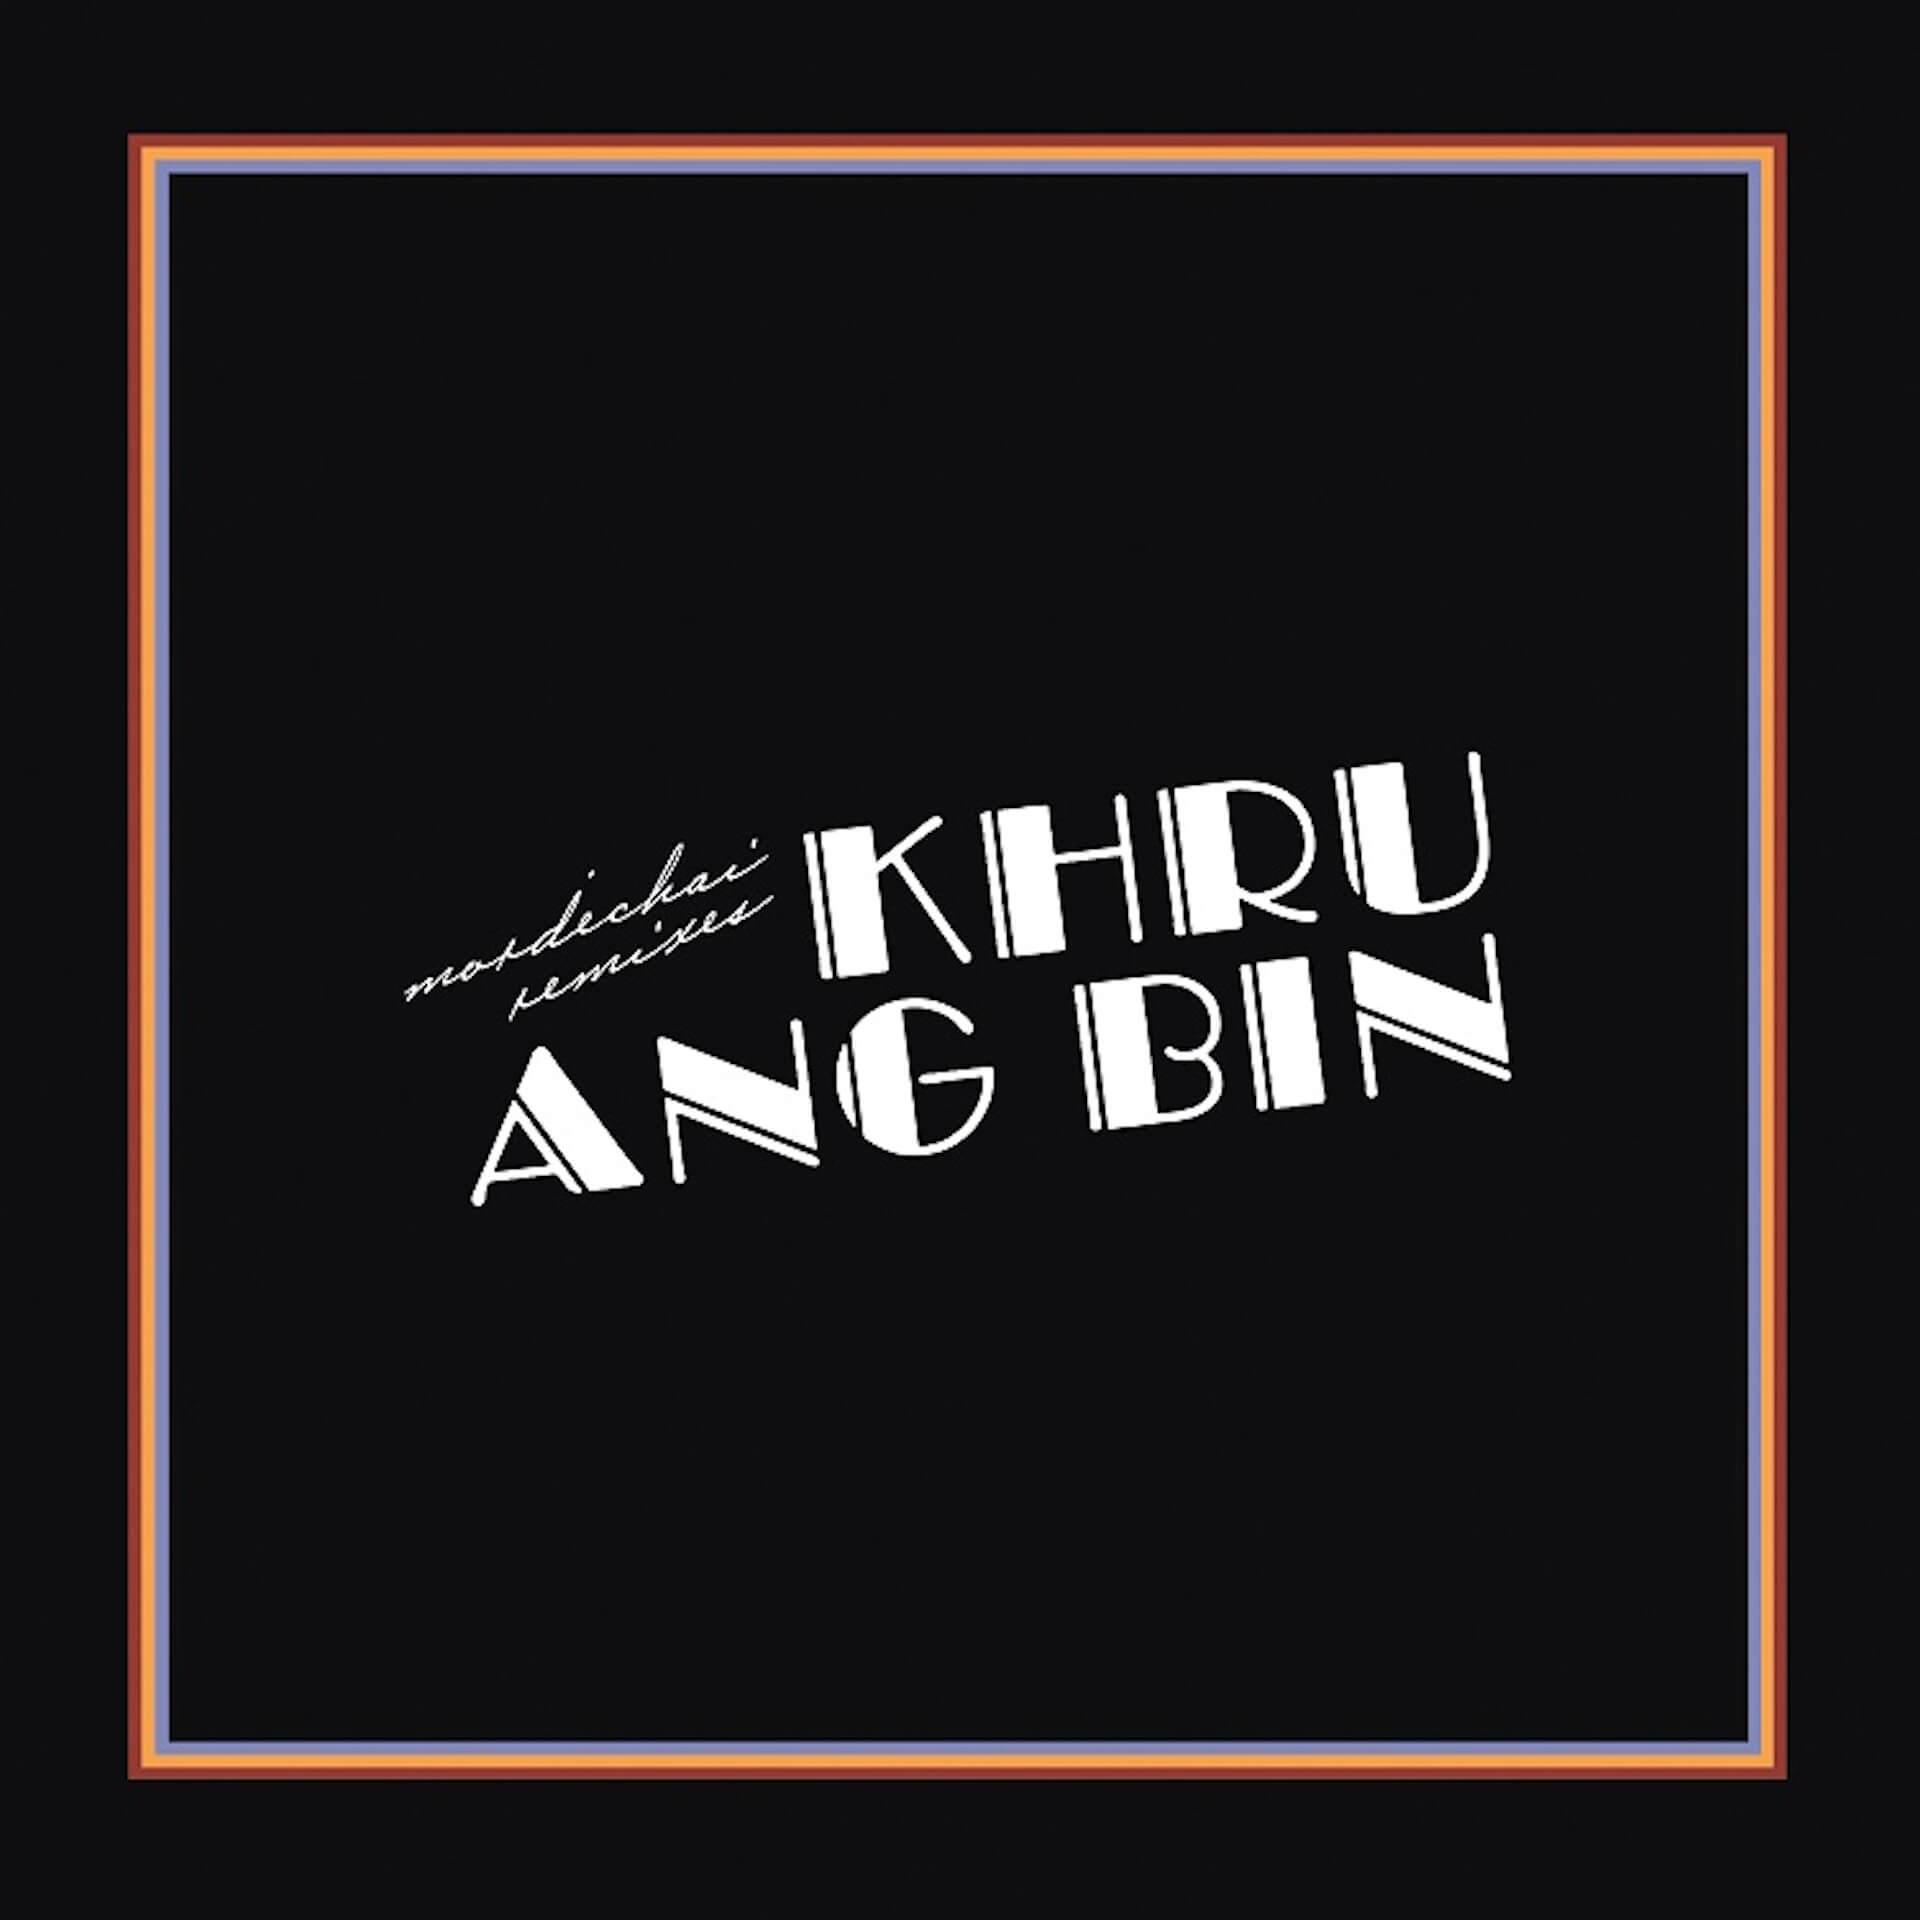 大ヒットを記録したKhruangbinの3rdアルバム『MORDECHAI』のリミックスアルバムがリリース決定! music210625_khruangbin1